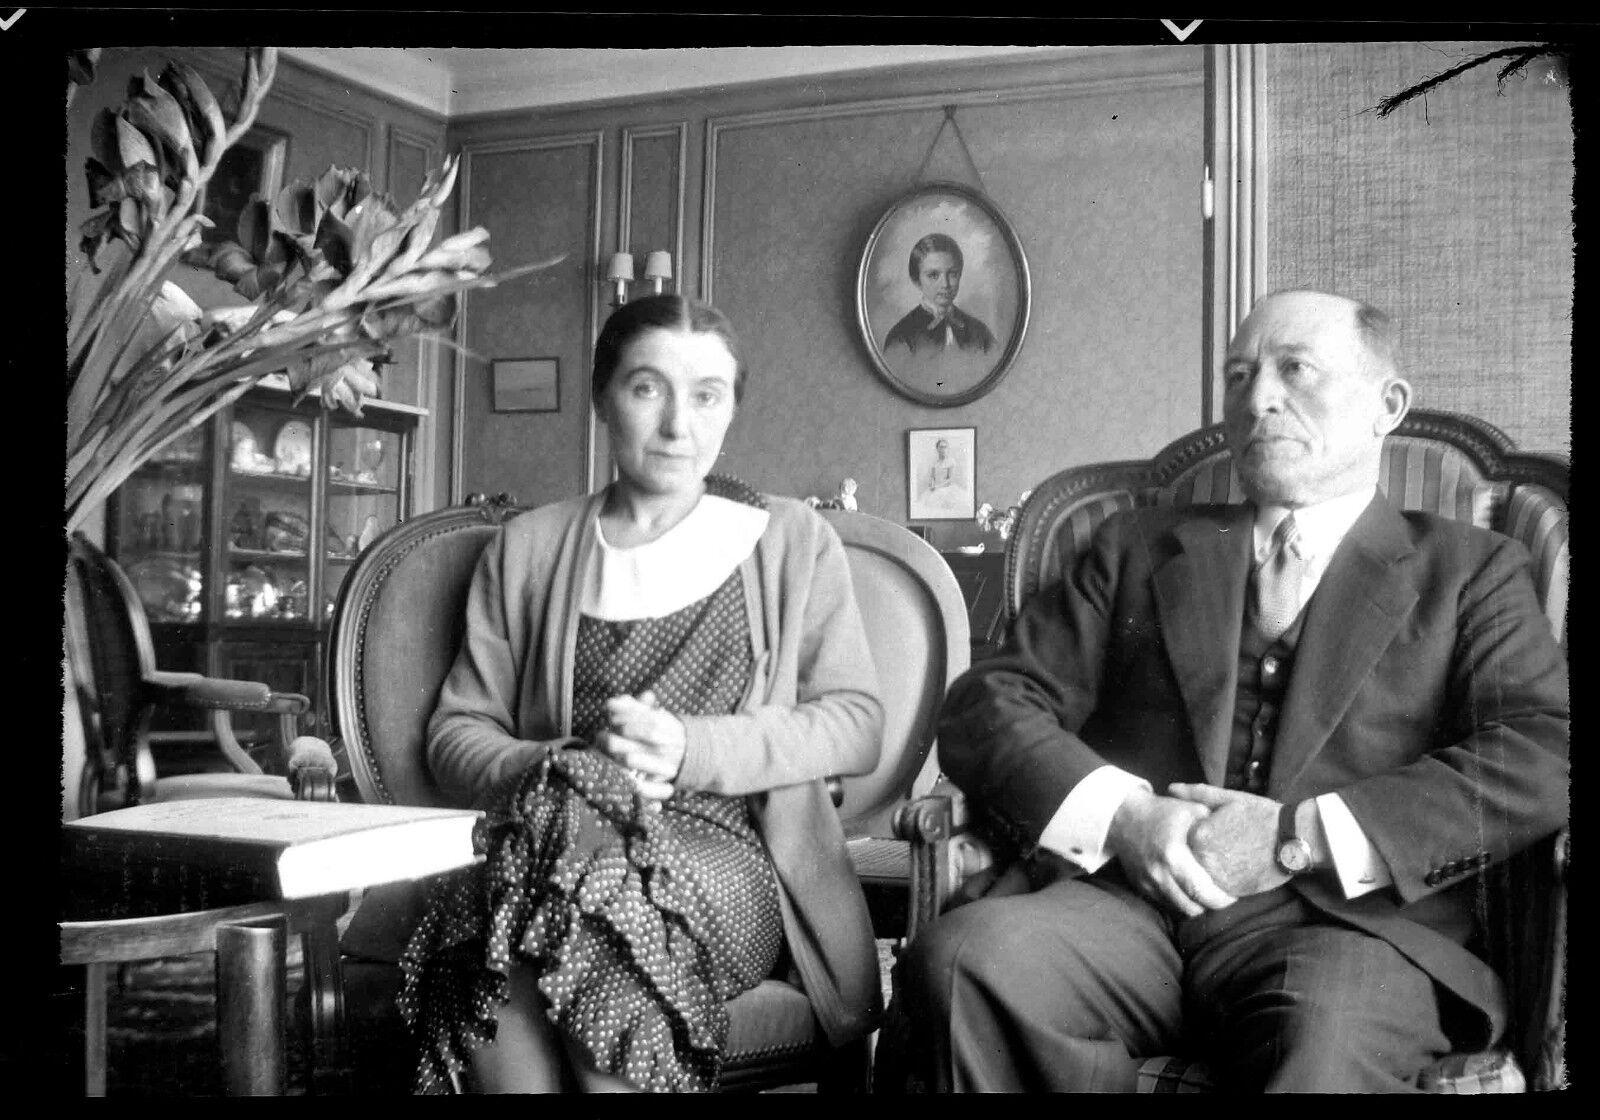 Couple homme femme assis intérieur appartement  - ancien négatif photo an. 1930